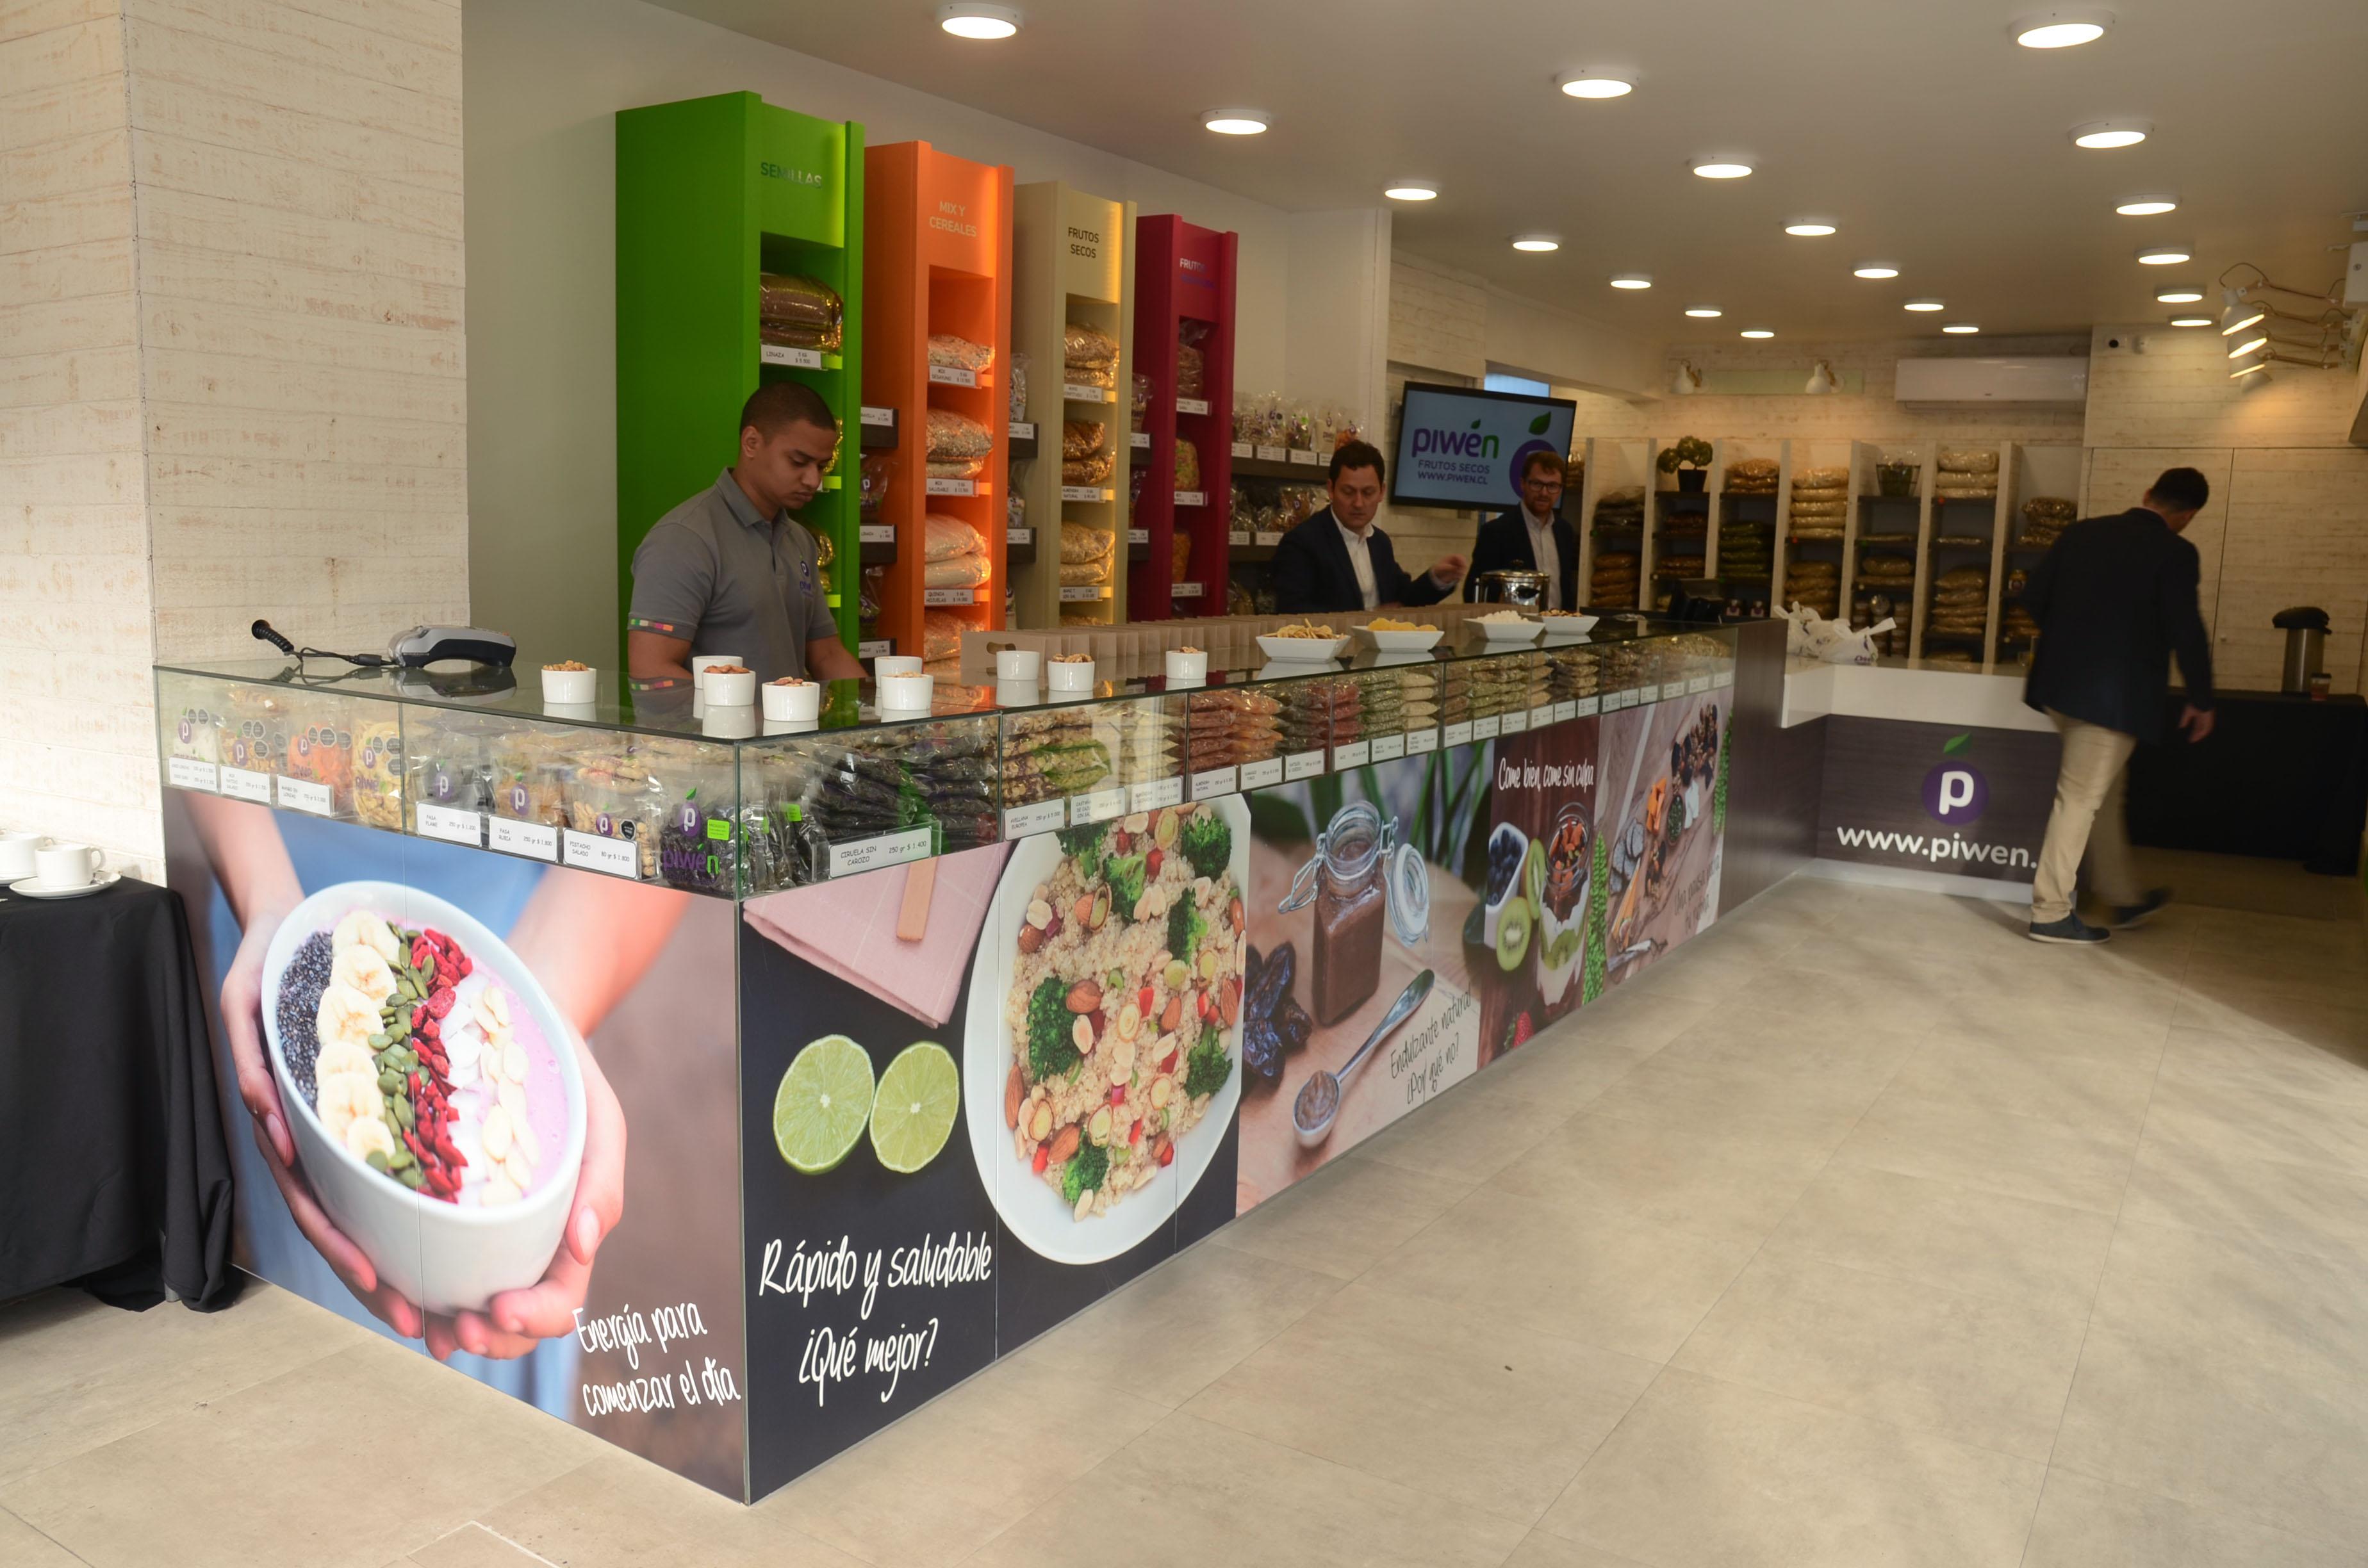 Piwén Frutos Secos aterriza con nueva tienda en Vitacura